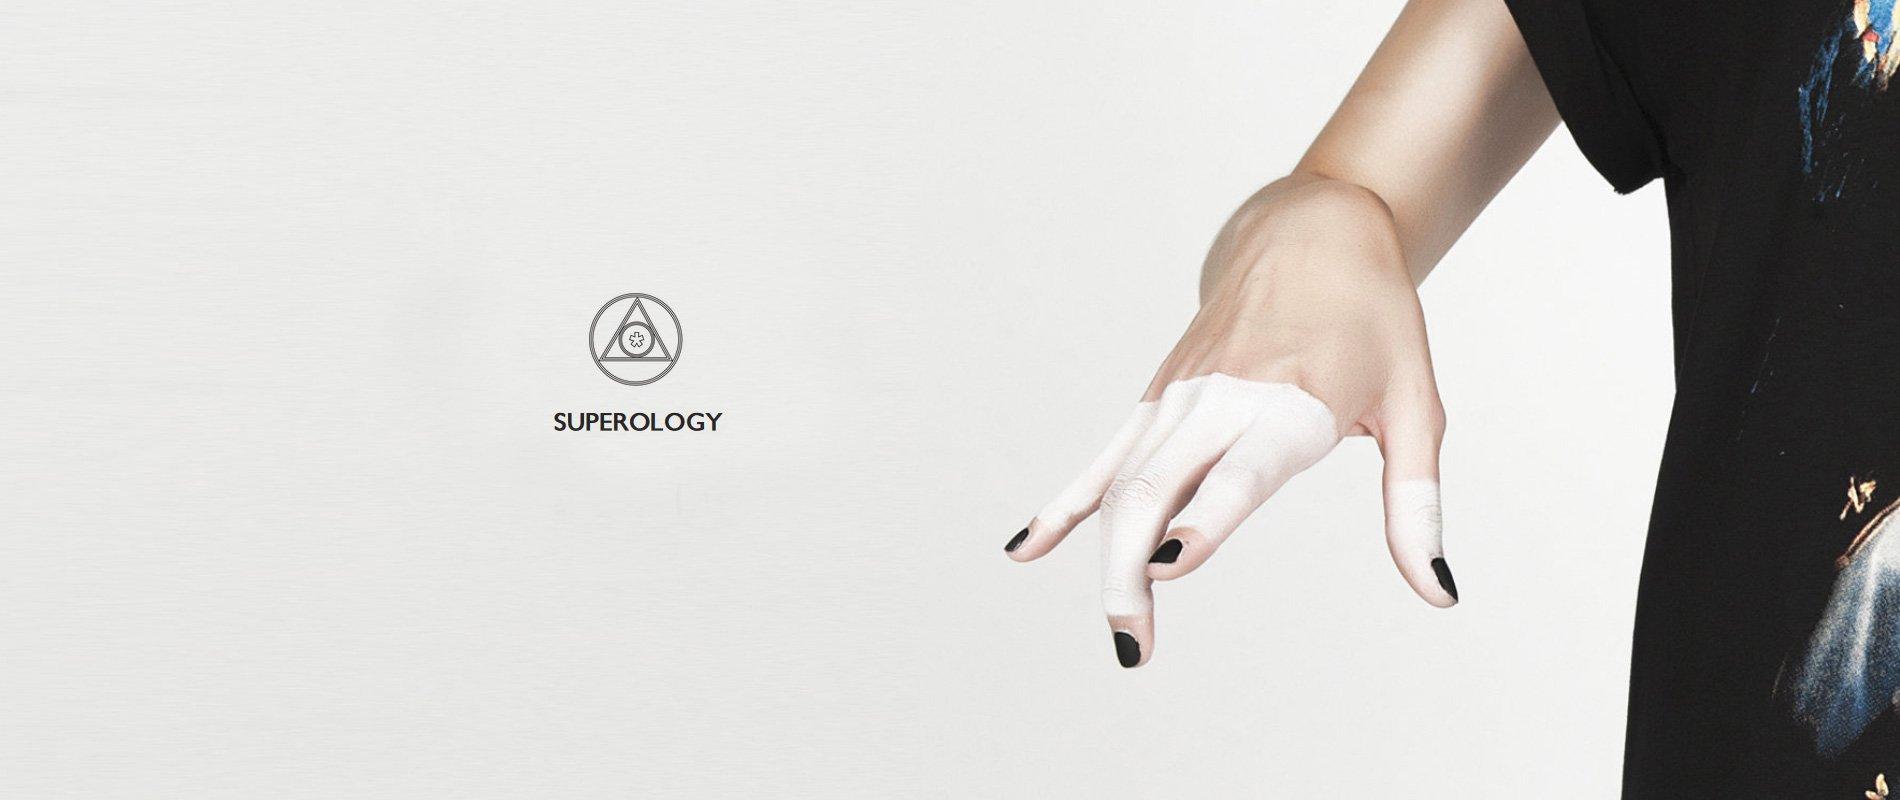 lucamaleonte superology